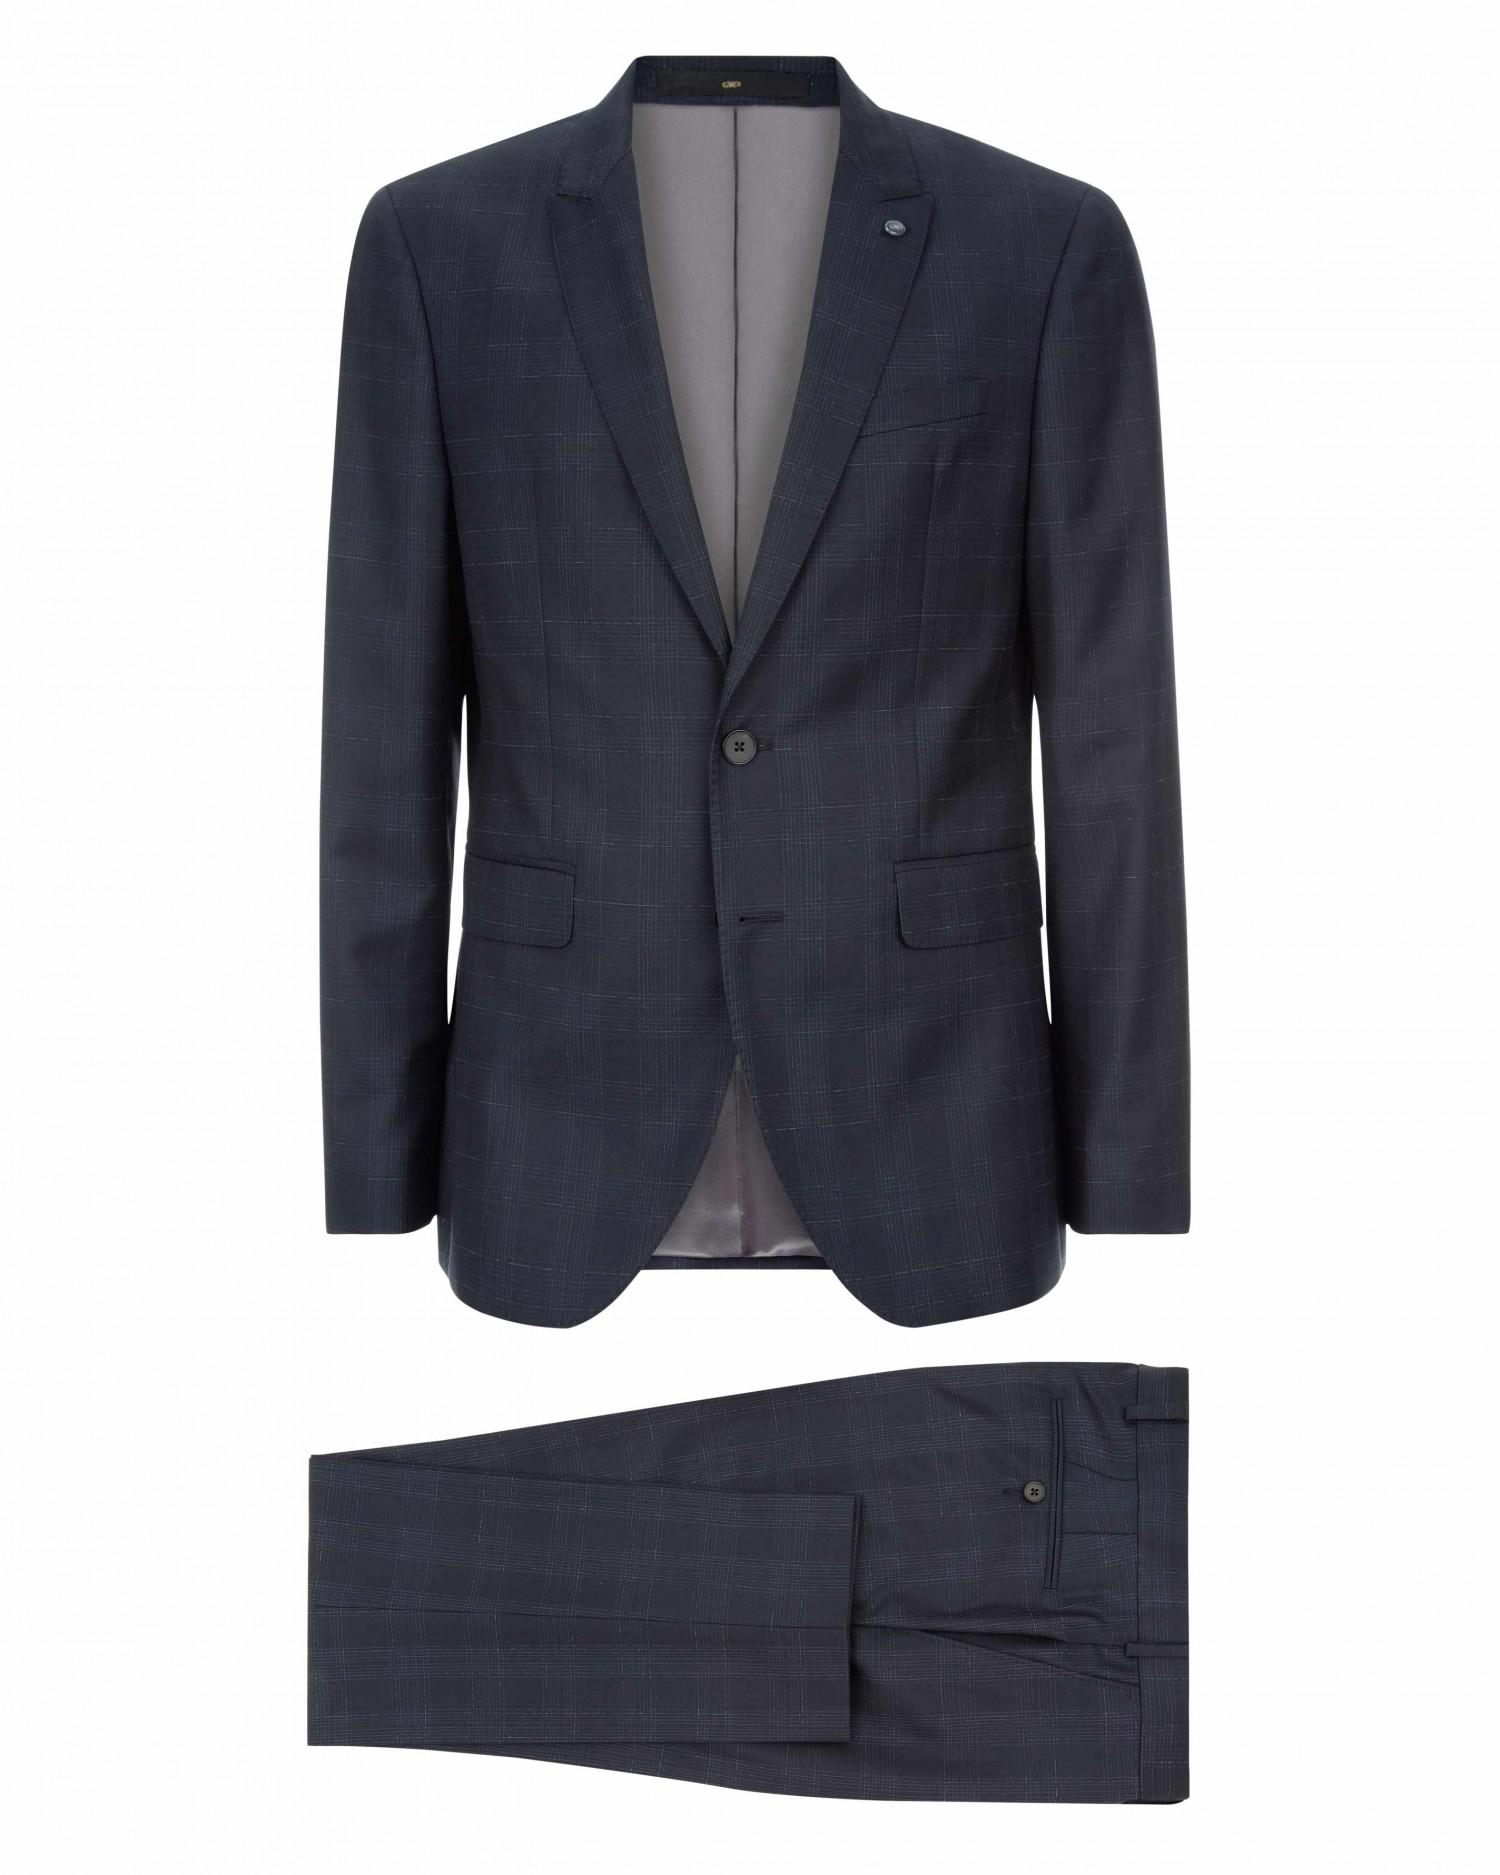 Jaeger Suits